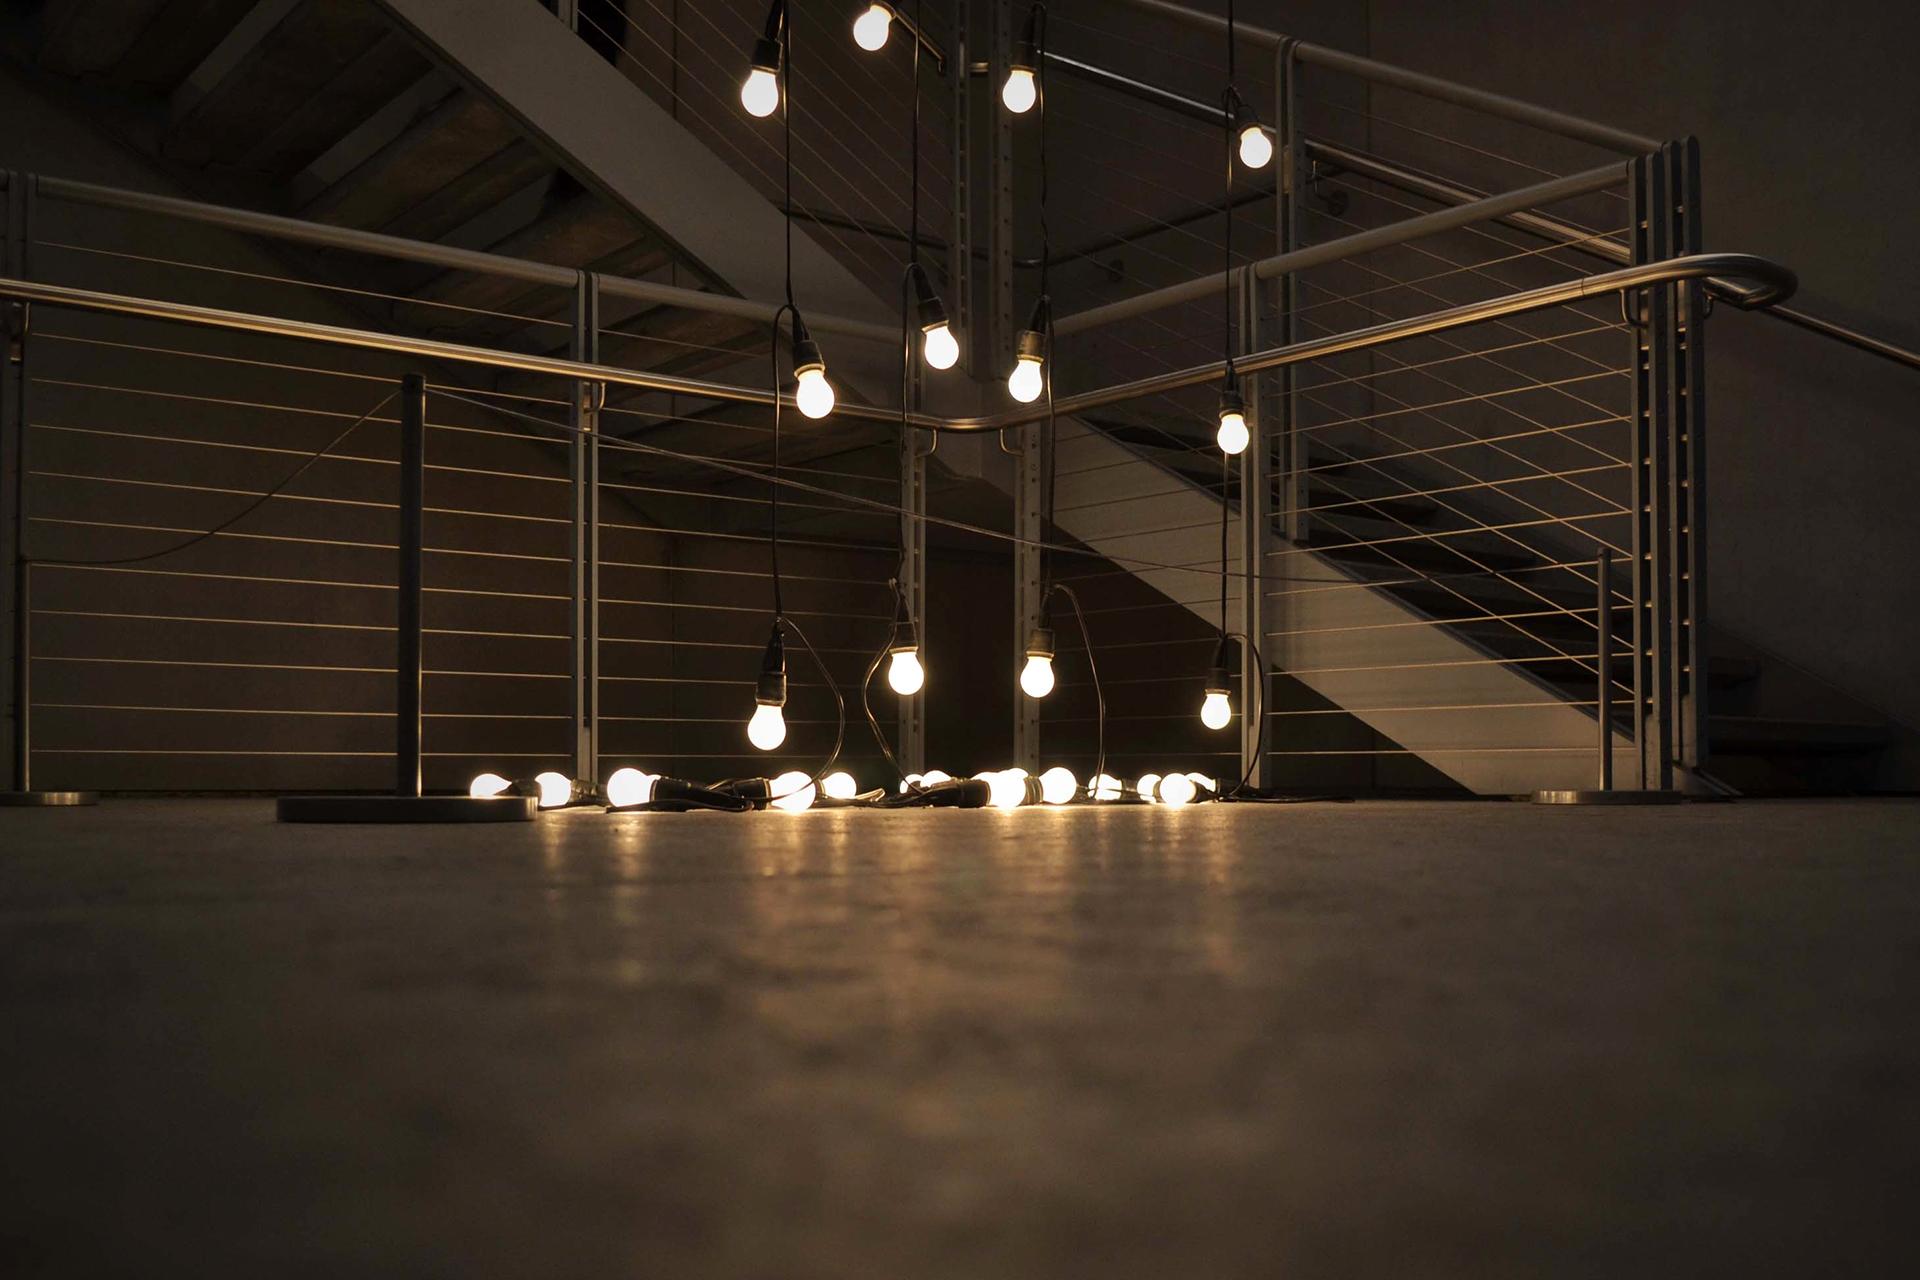 Ist das Kunst? Oder hat hier jemand seine Glühbirnen vergessen? Eindrucksvoll ist das Lichterspiel allemal!